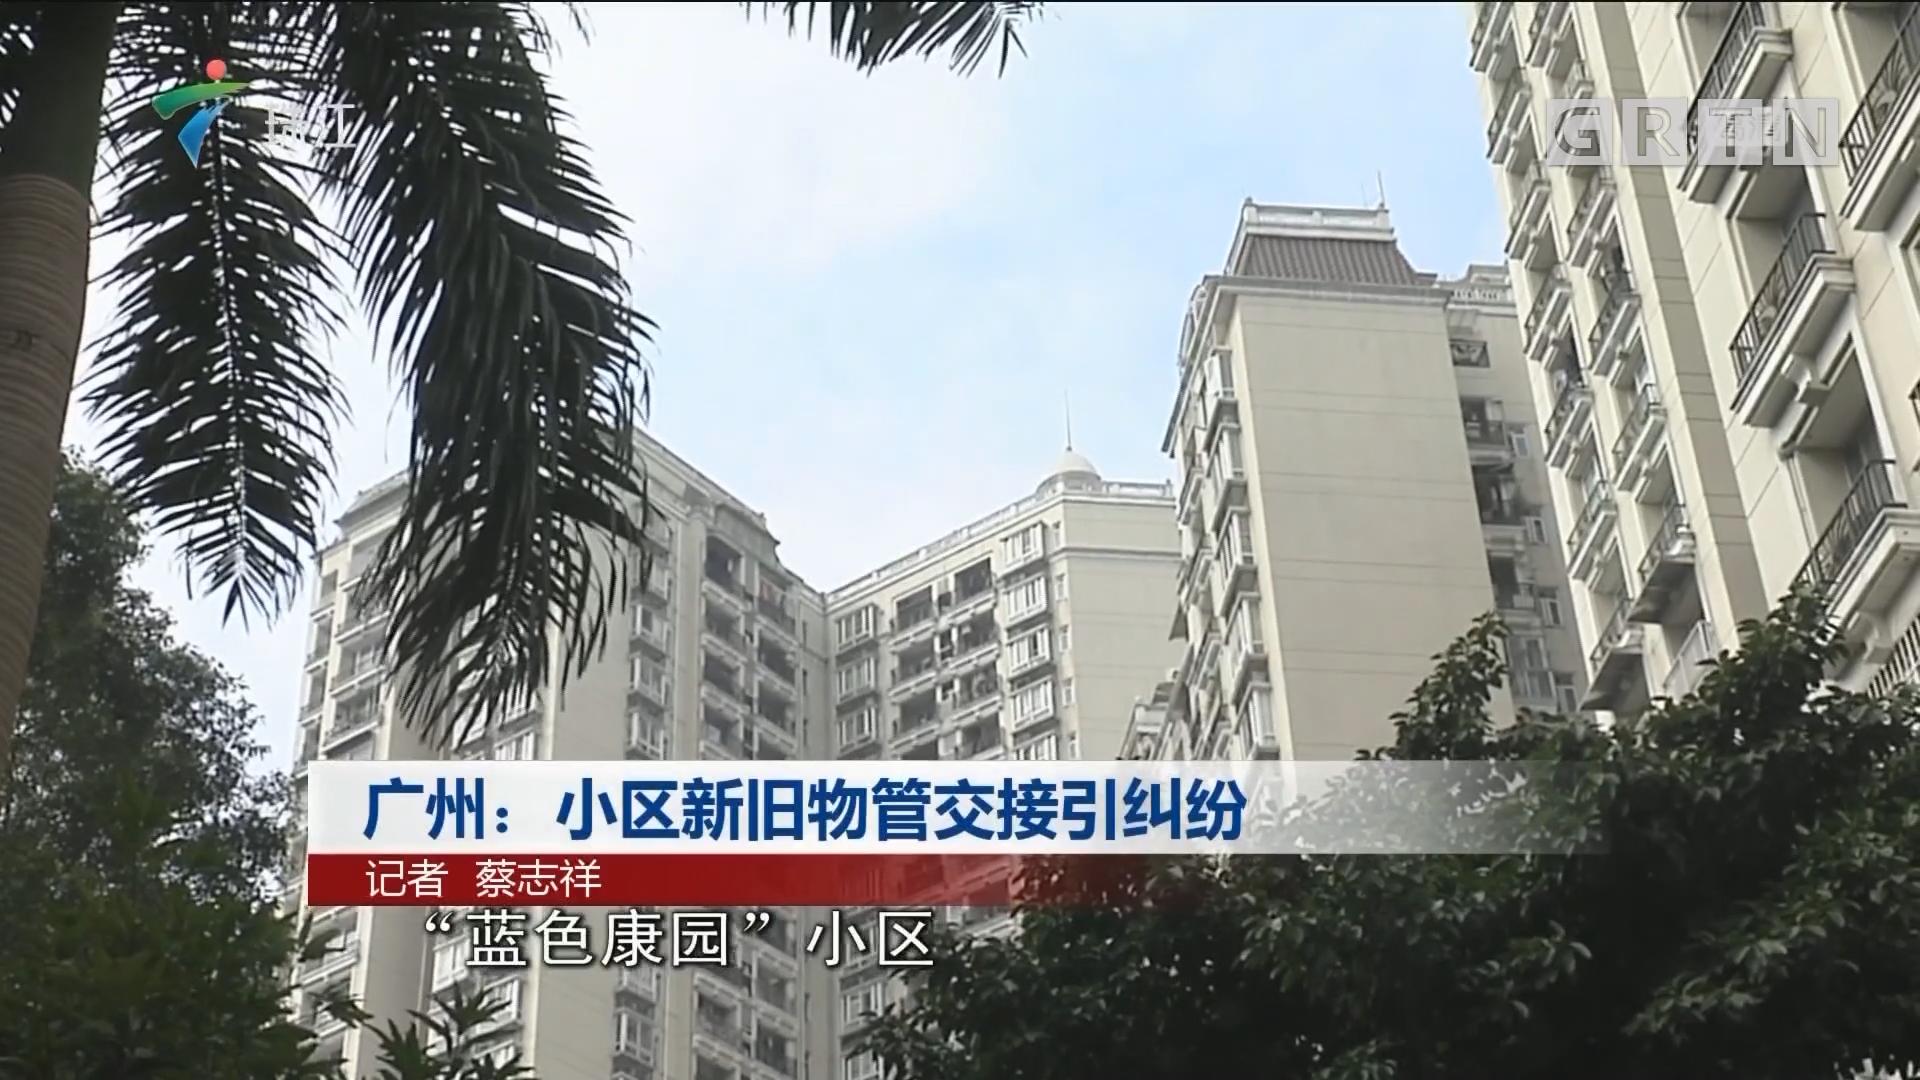 廣州:小區新舊物管交接引糾紛